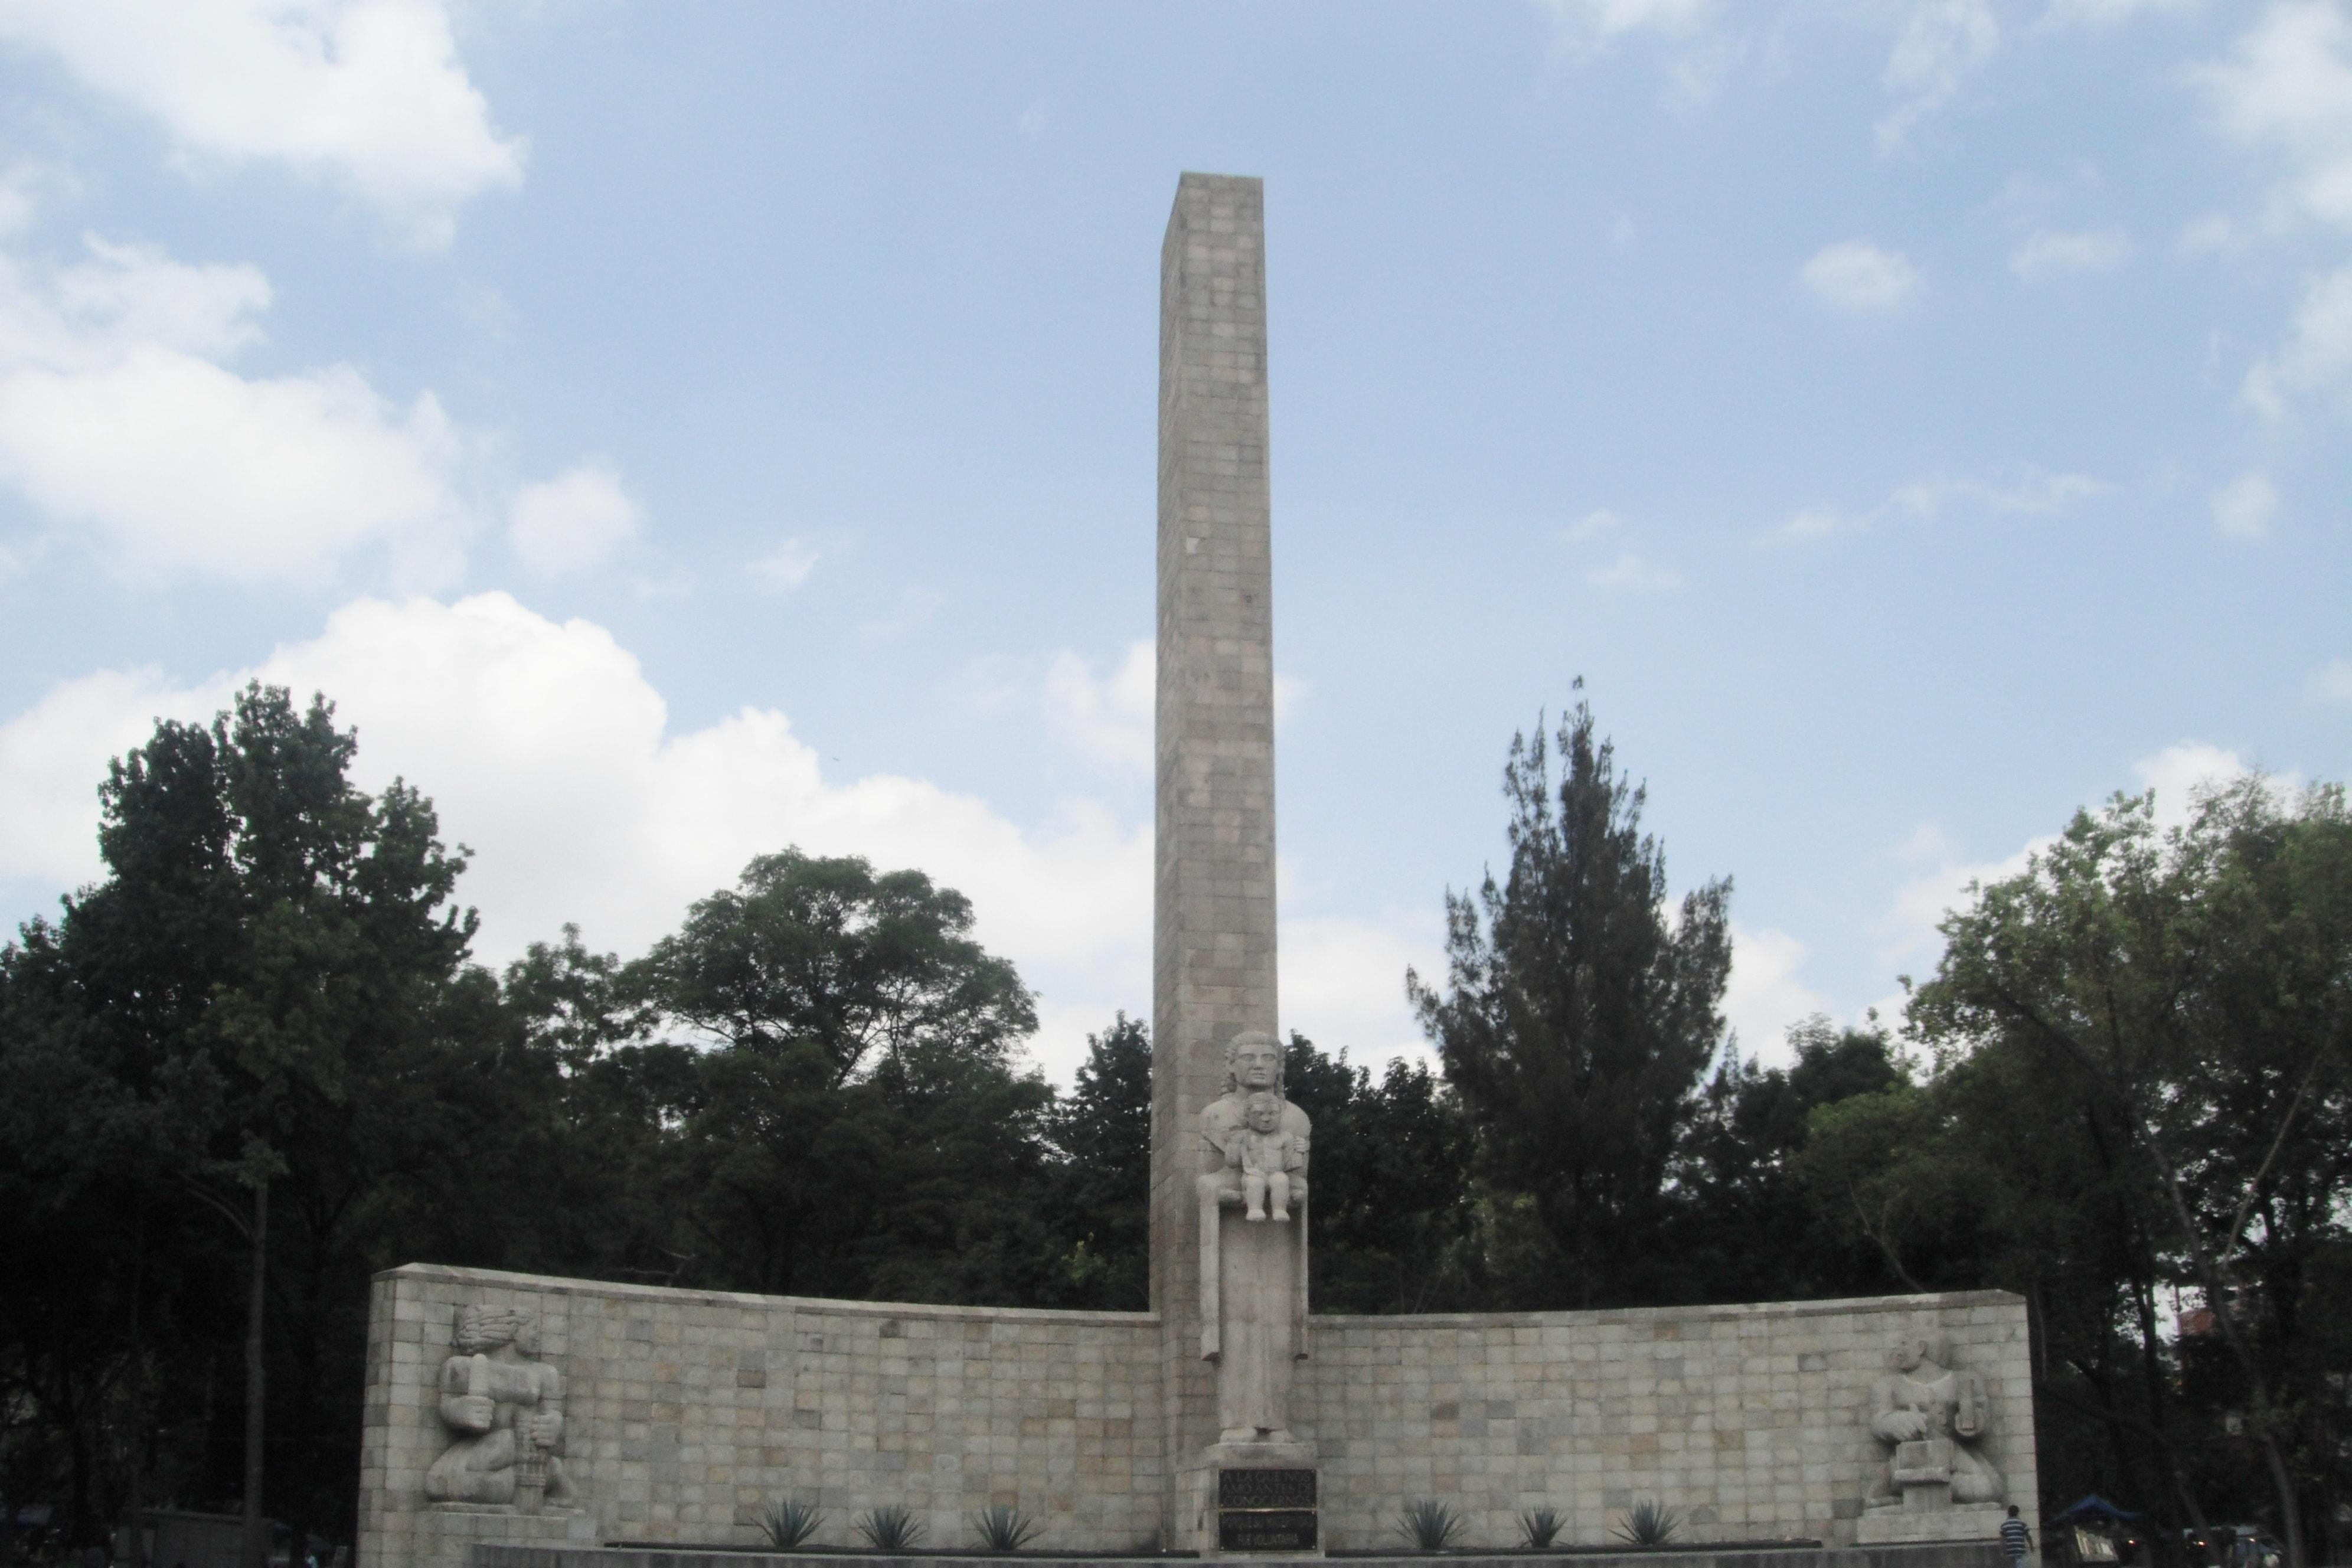 monumento-a-la-madre-ciudad-de-mexico-inaugurado-miguel-aleman-1949